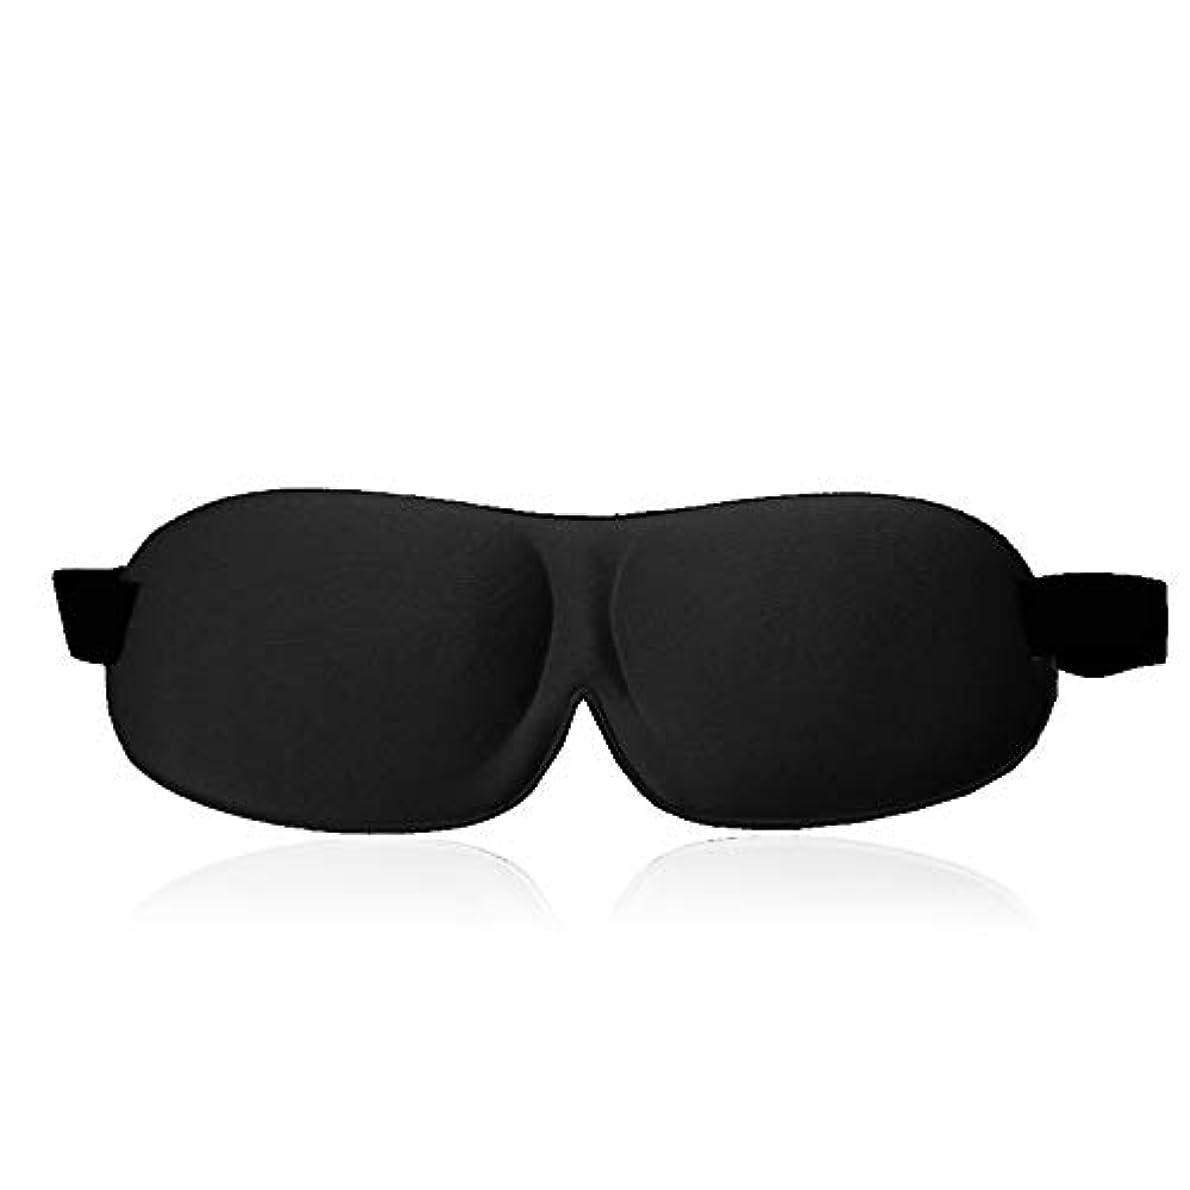 目を覚ます発明するスリムNOTE ポータブル睡眠アイマスク3d目隠し用より良い睡眠旅行残りシェーディングゴーグルソフトアイパッチ用男性女性アイマスク睡眠補助